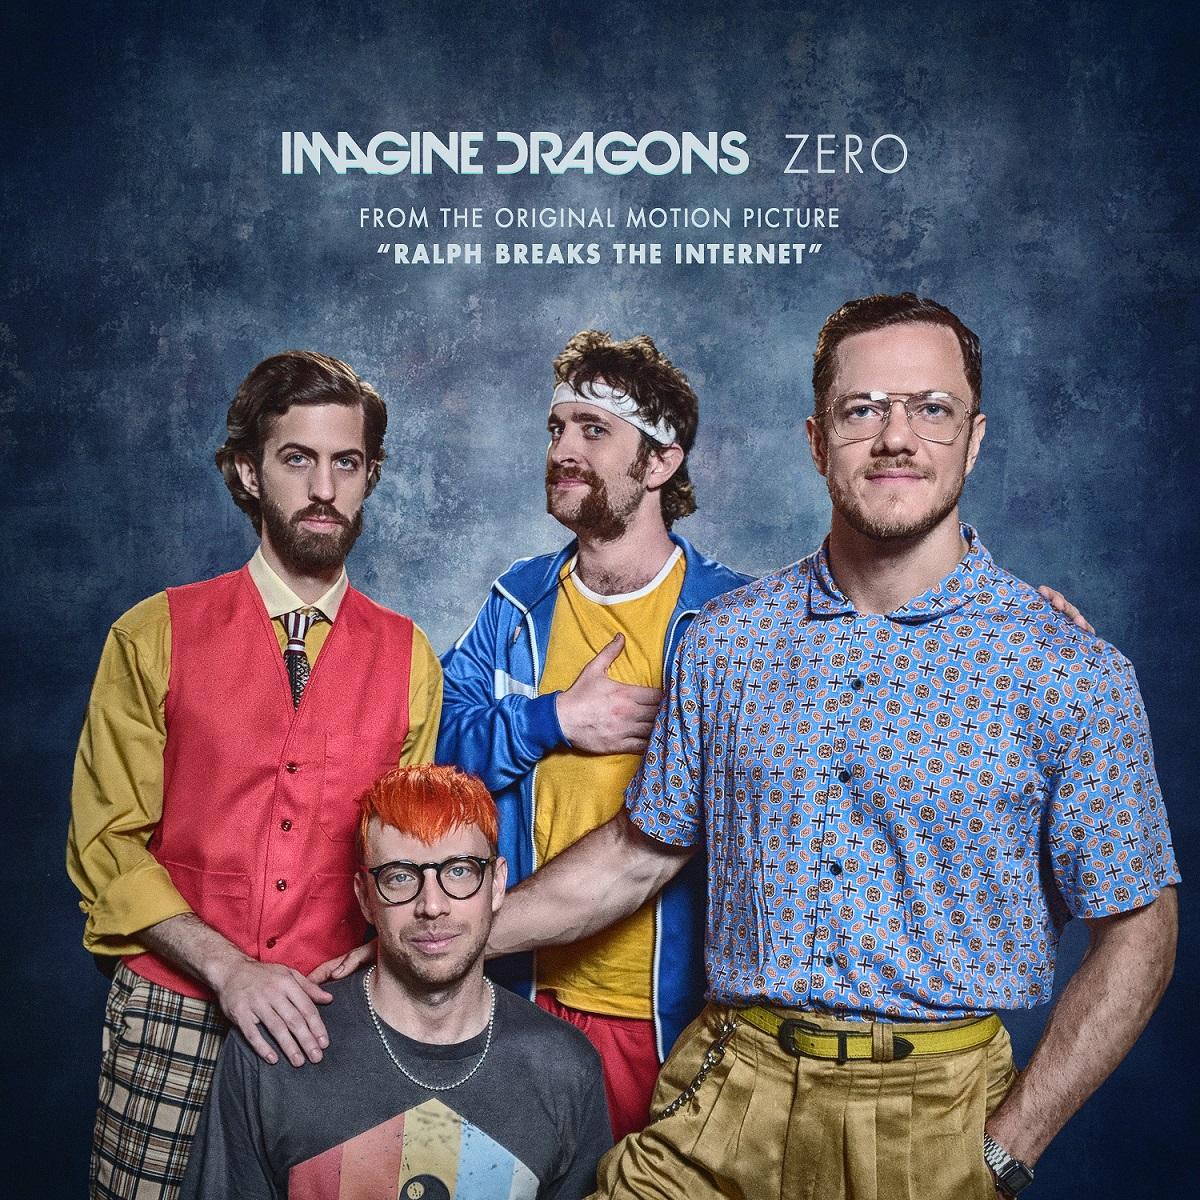 """Imagine Dragons compone e interpreta """"ZERO"""", la canción de los créditos finales de Wifi Ralph, la nueva película animada de Disney"""